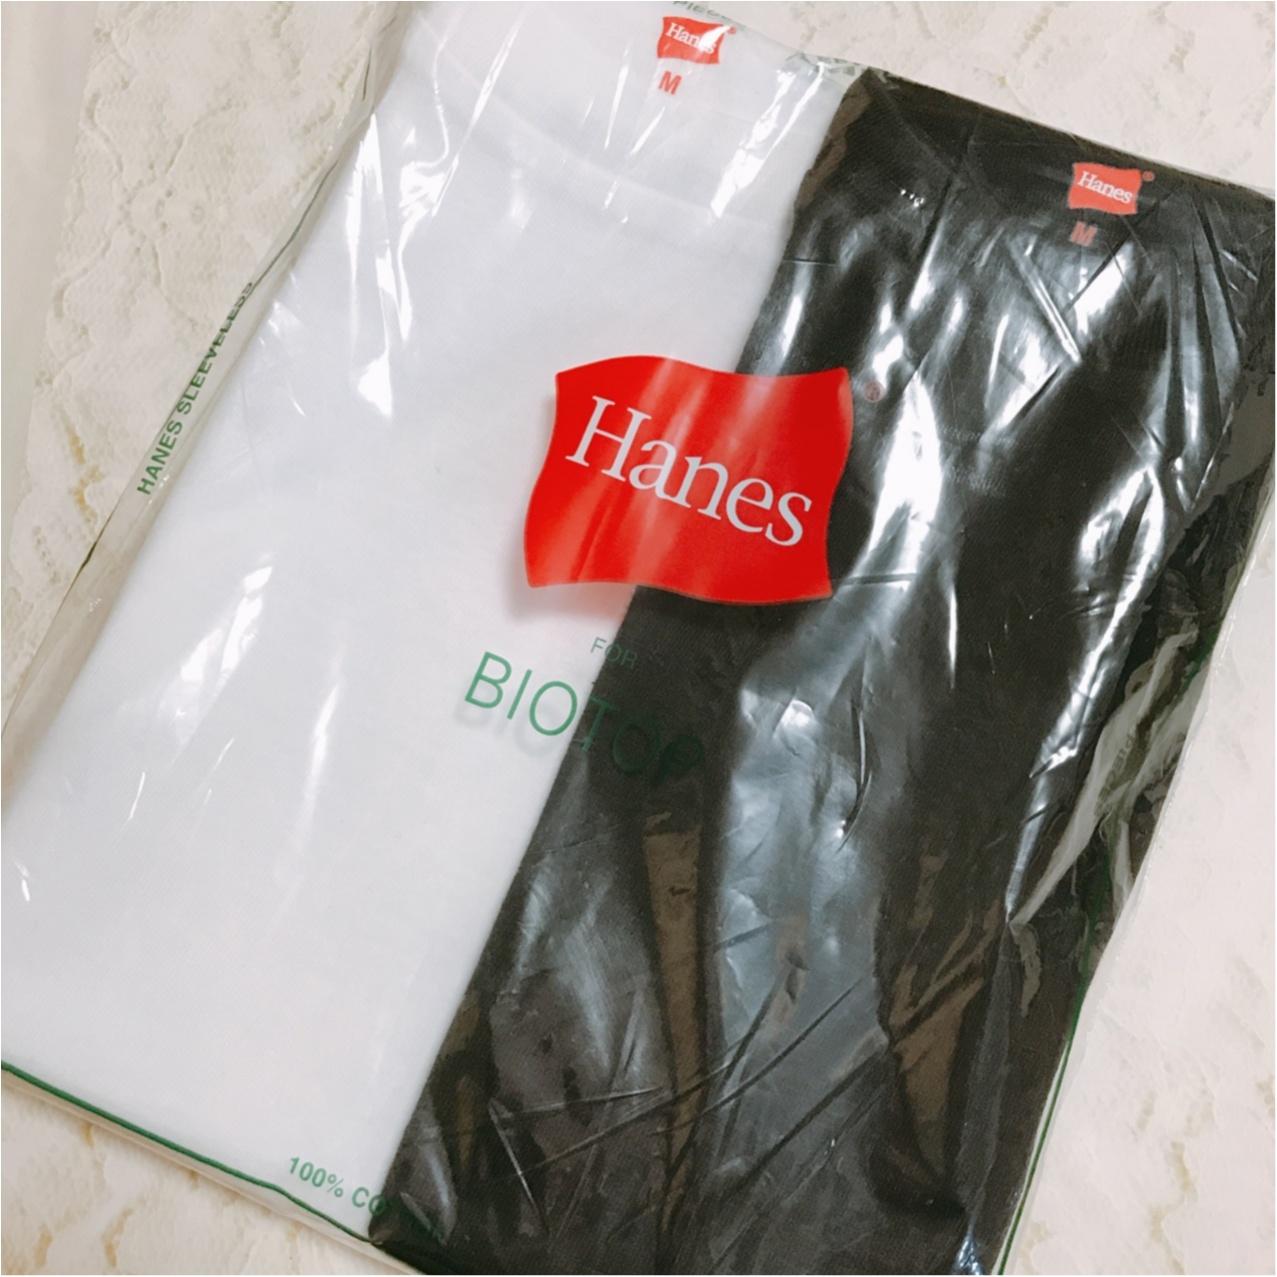 ヘビロテ間違いなし!《Hanes(ヘインズ)》ノースリーブTシャツが超優秀♡_1